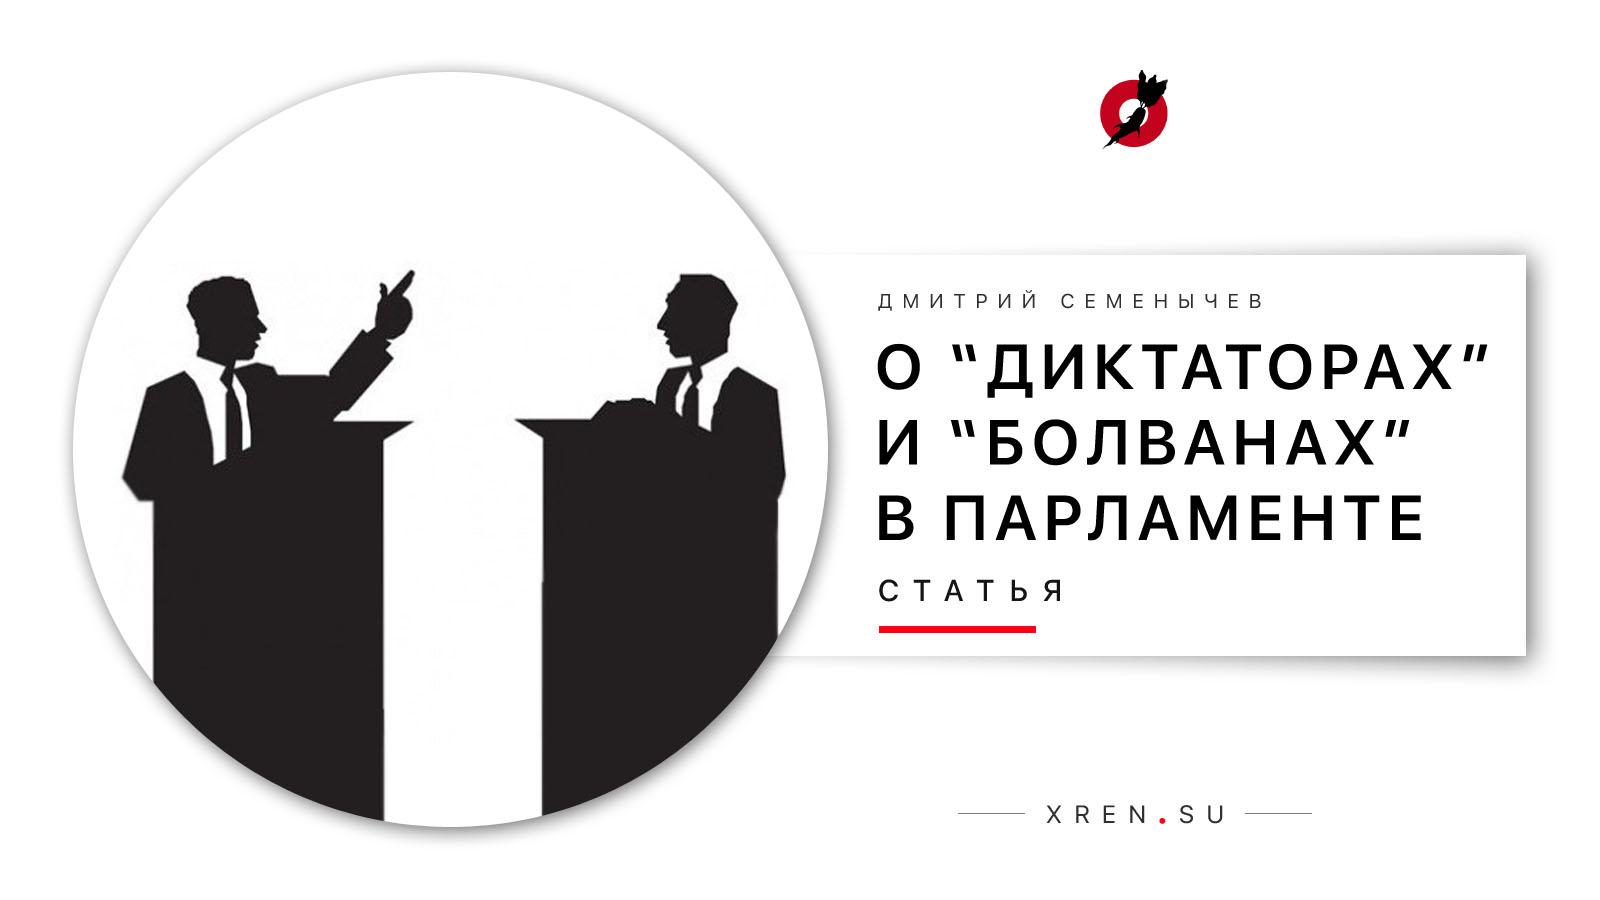 О «диктаторах» и «болванах» в парламенте